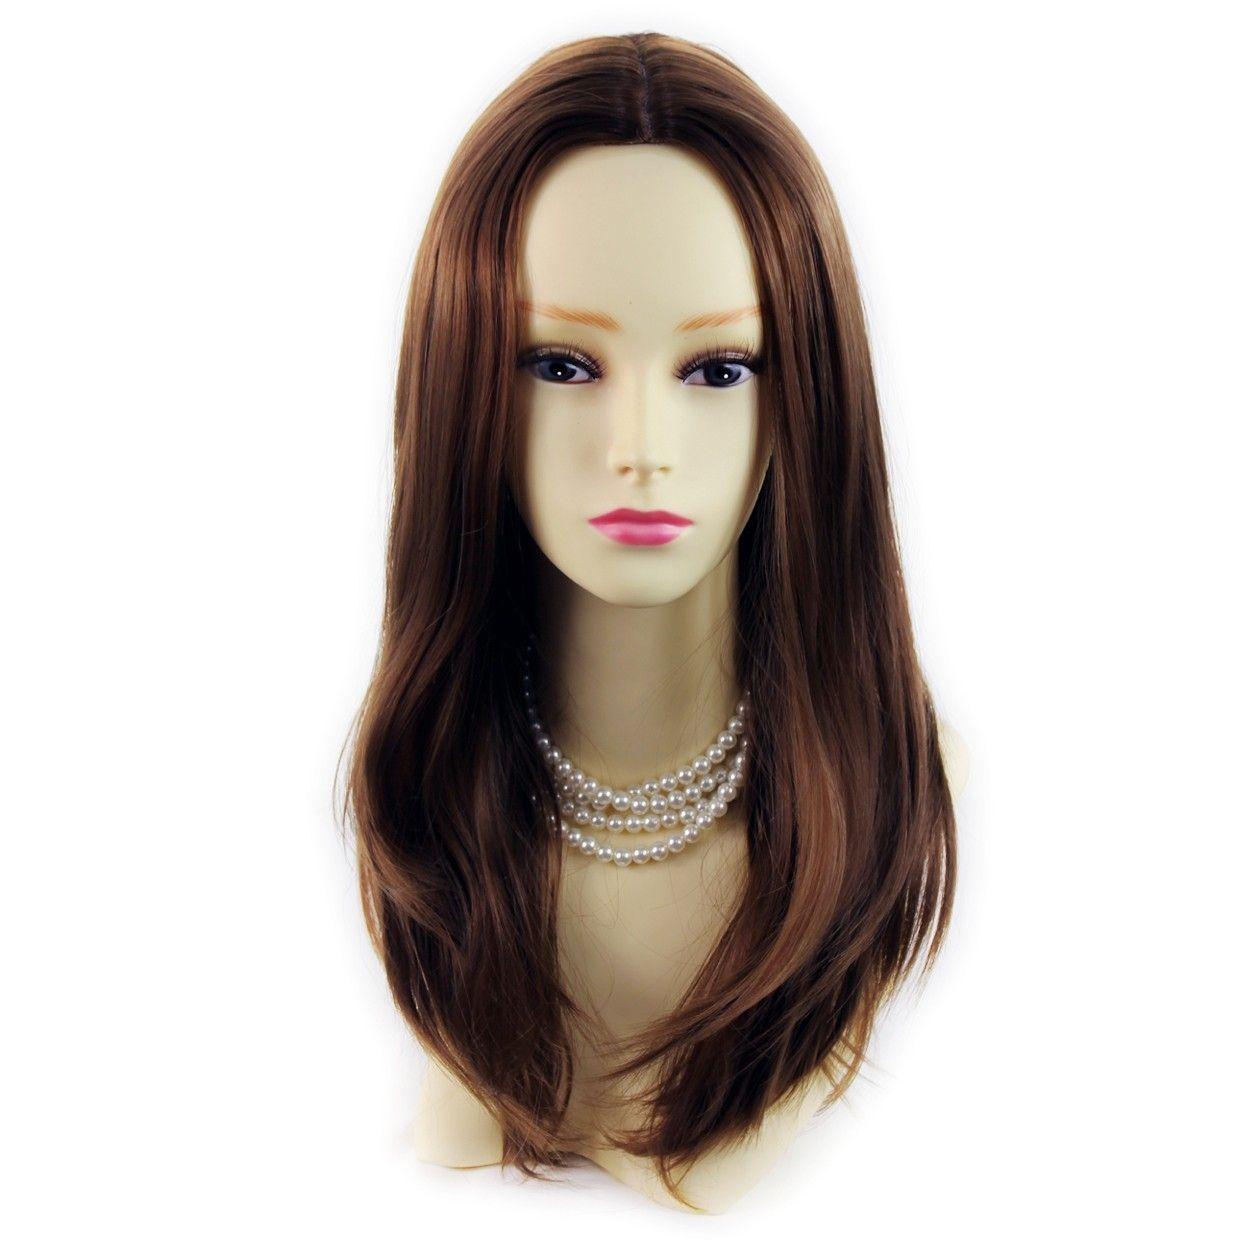 Wiwigs Wonderful Long Light Brown Skin Top Straight Ladies Wig Uk Hair Pieces Green Wig Wigs